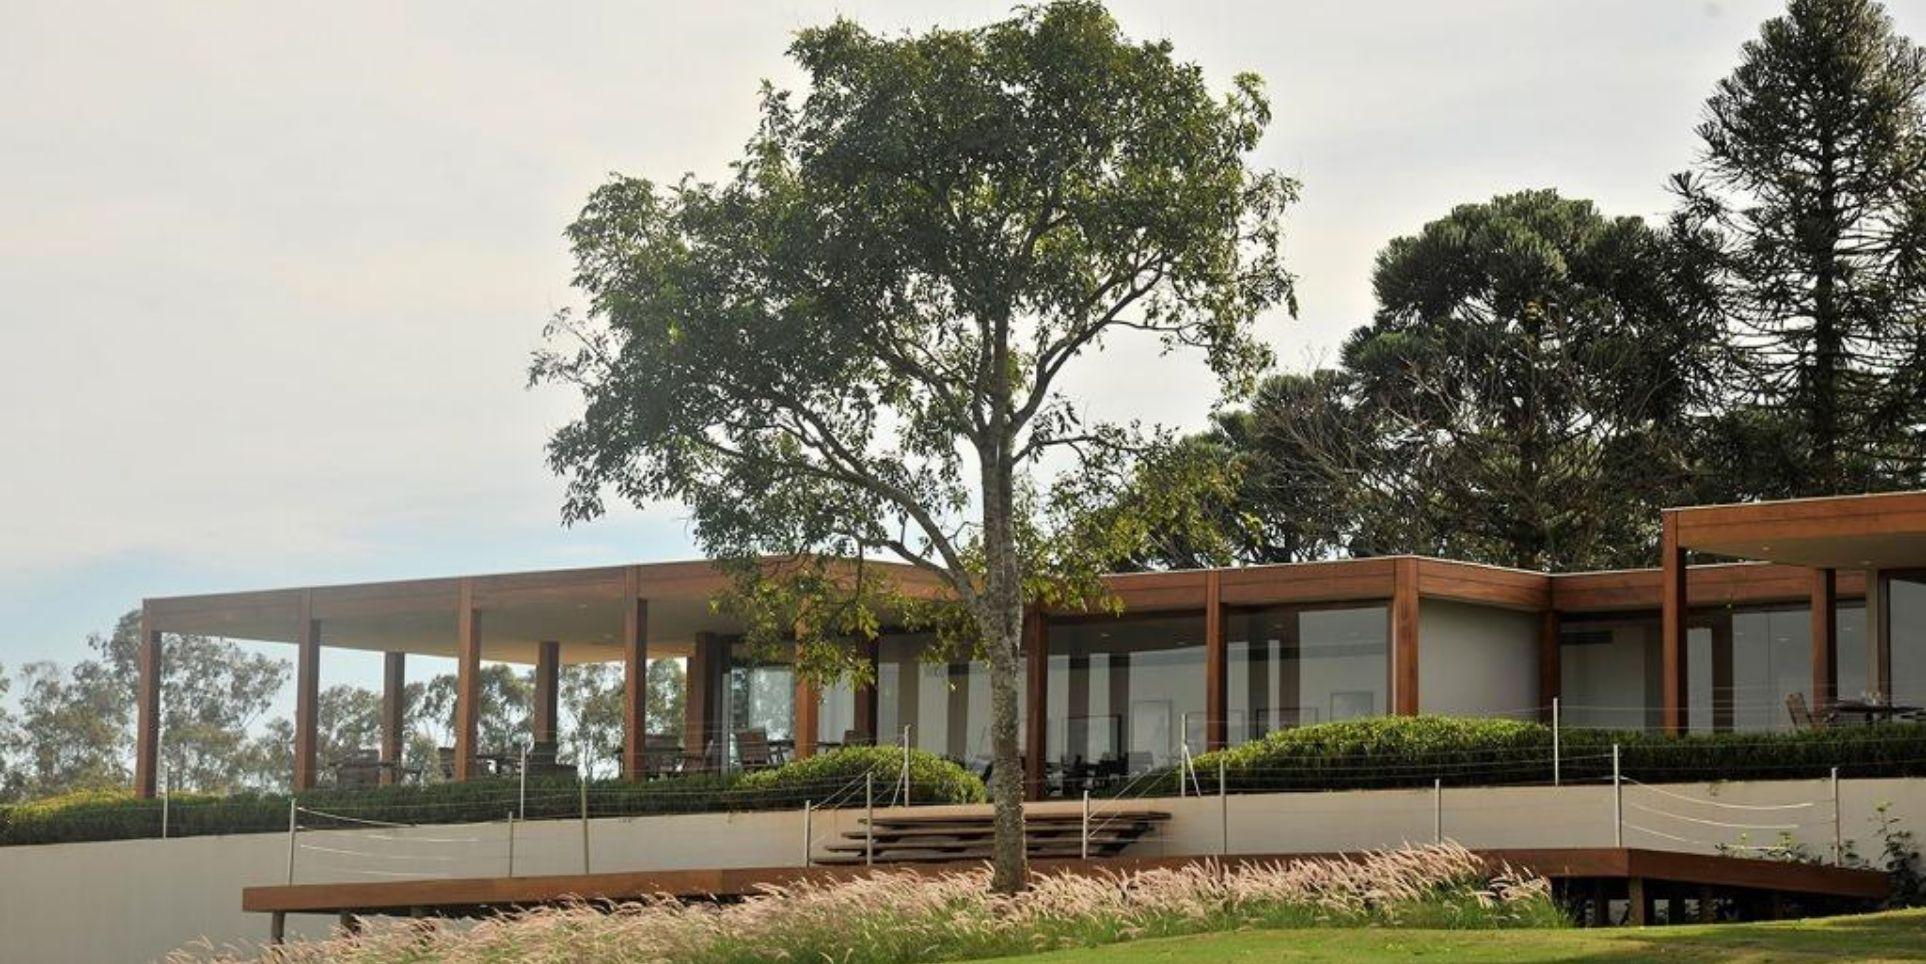 Sede do clube de Golfe da Fazenda Boa Vista